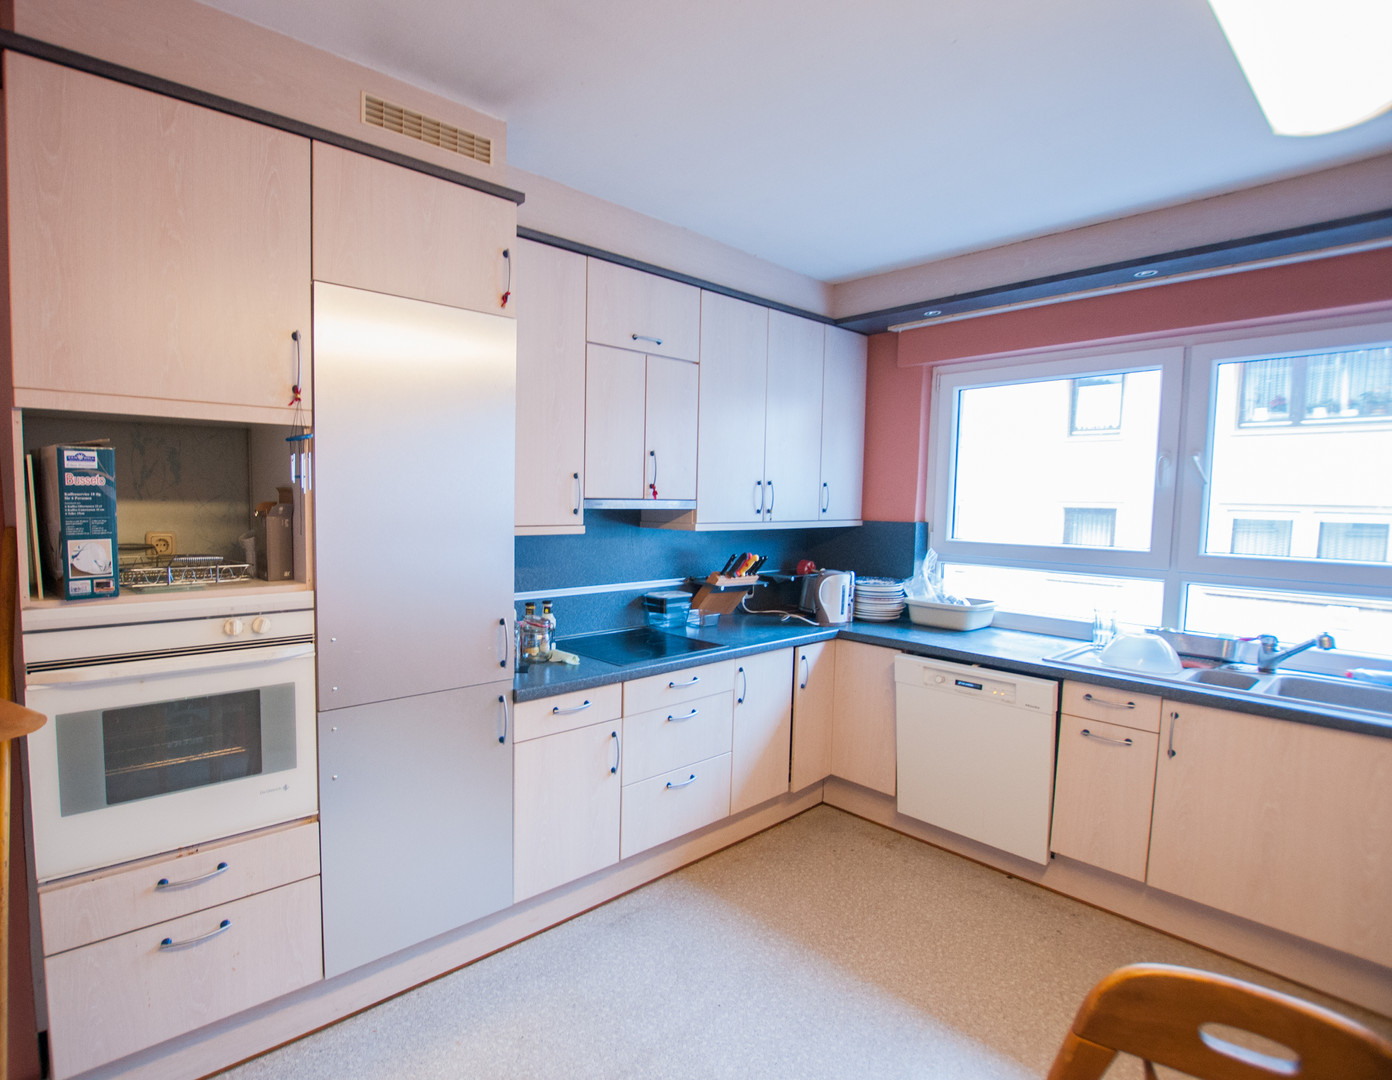 Obergeschoss - Küche. mit Einbauküche